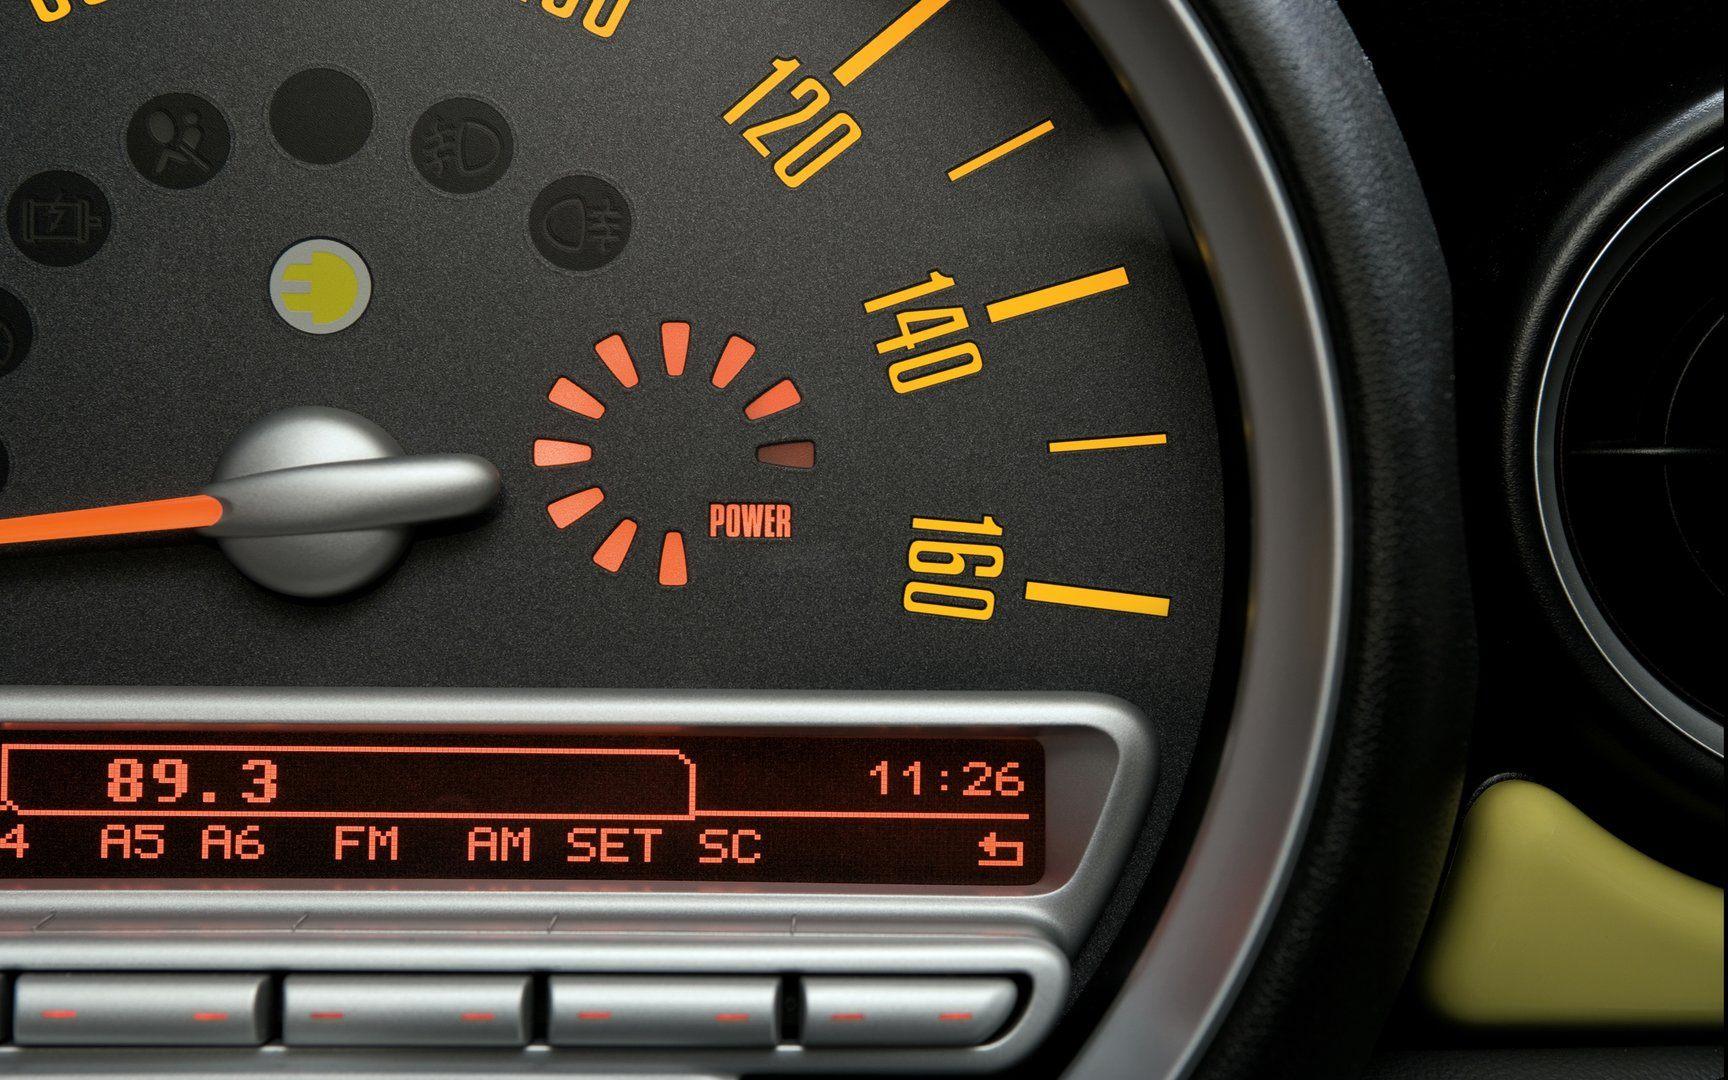 La trayectoria eléctrica de BMW (II)